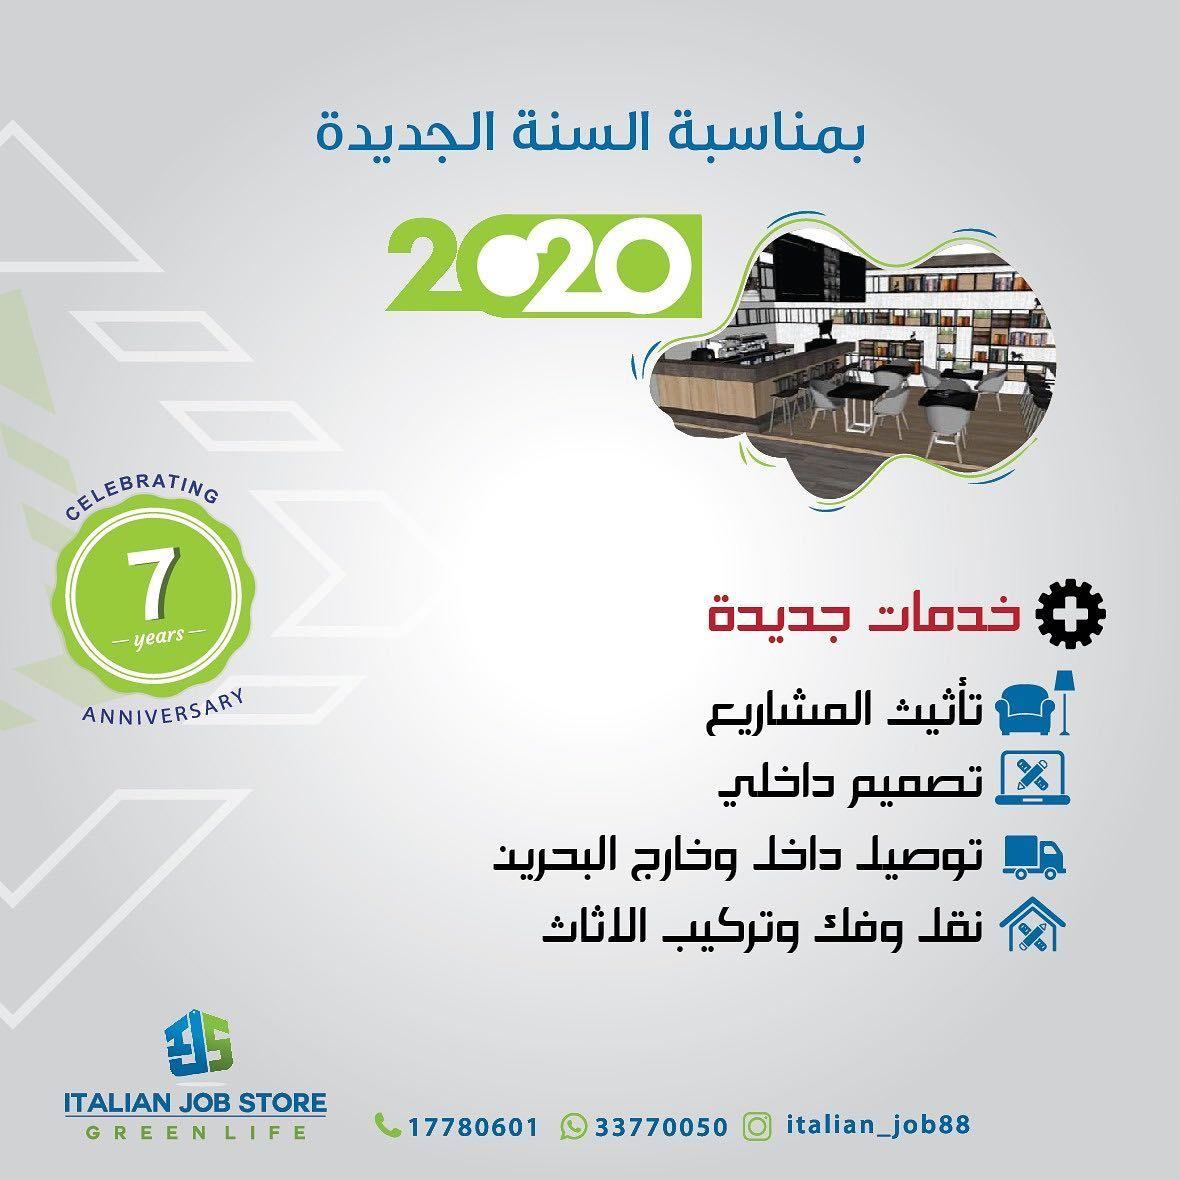 خدمات جديدة لدى Italian Job Store تأثيث المشاريع تصميم داخلي توصيل داخل وخارج البحرين نقل وفك وتركيب الاثاث 7 Years Anni Ecard Meme Anniversary Memes